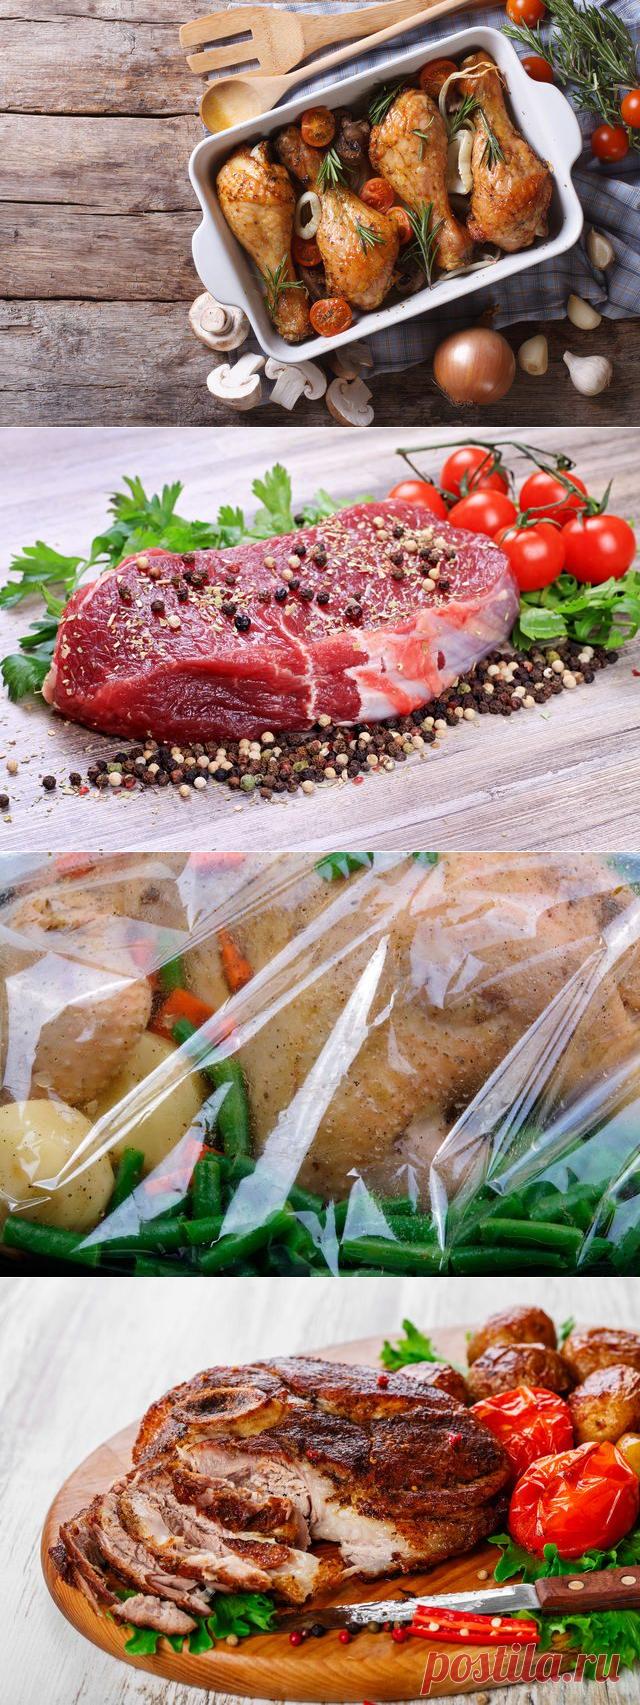 Вкусные способы запекания мяса